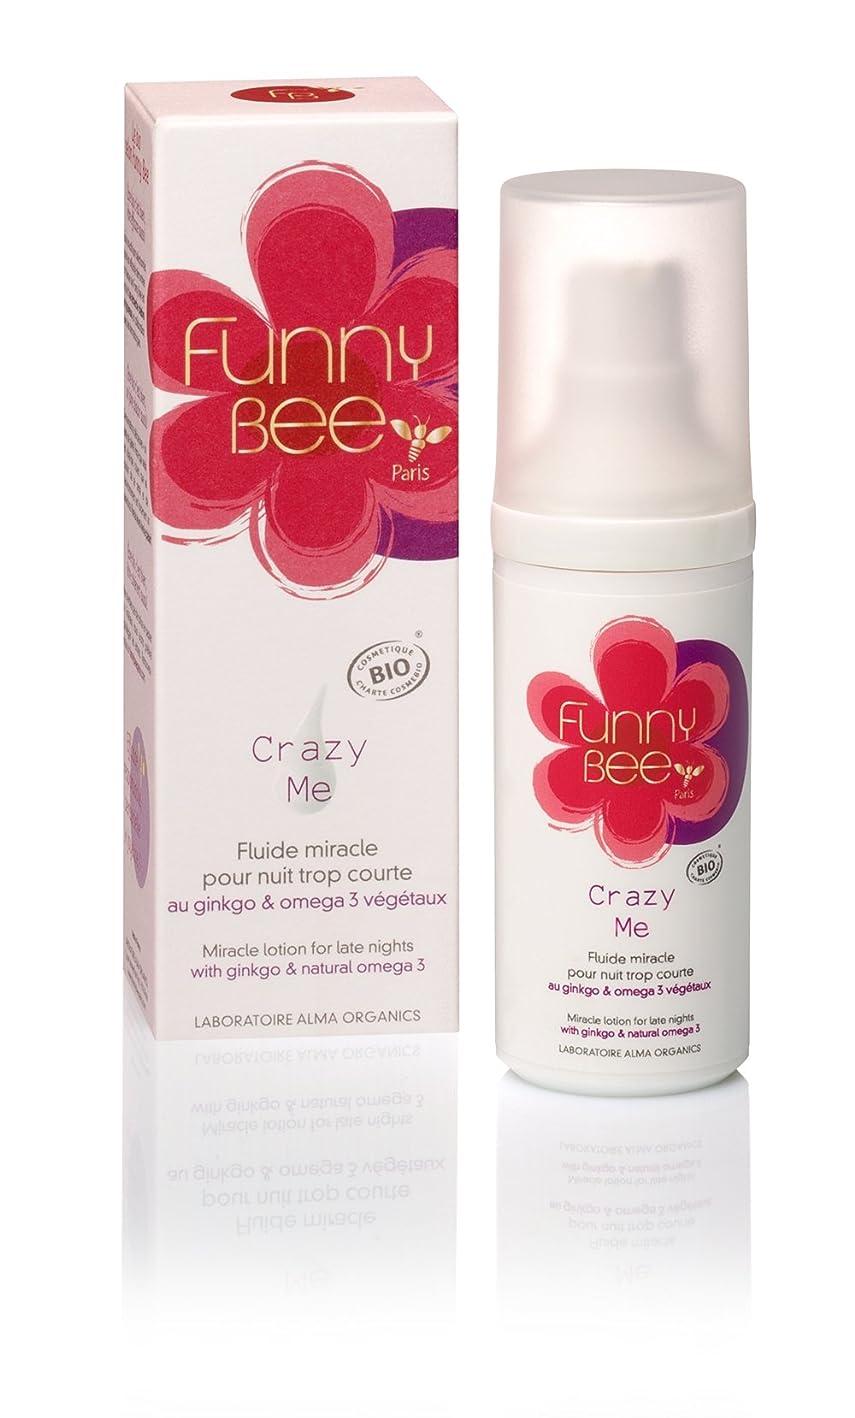 仲人革新尋ねるFunny Bee Paris(ファニービーパリ) クレイジー ミー 30ml